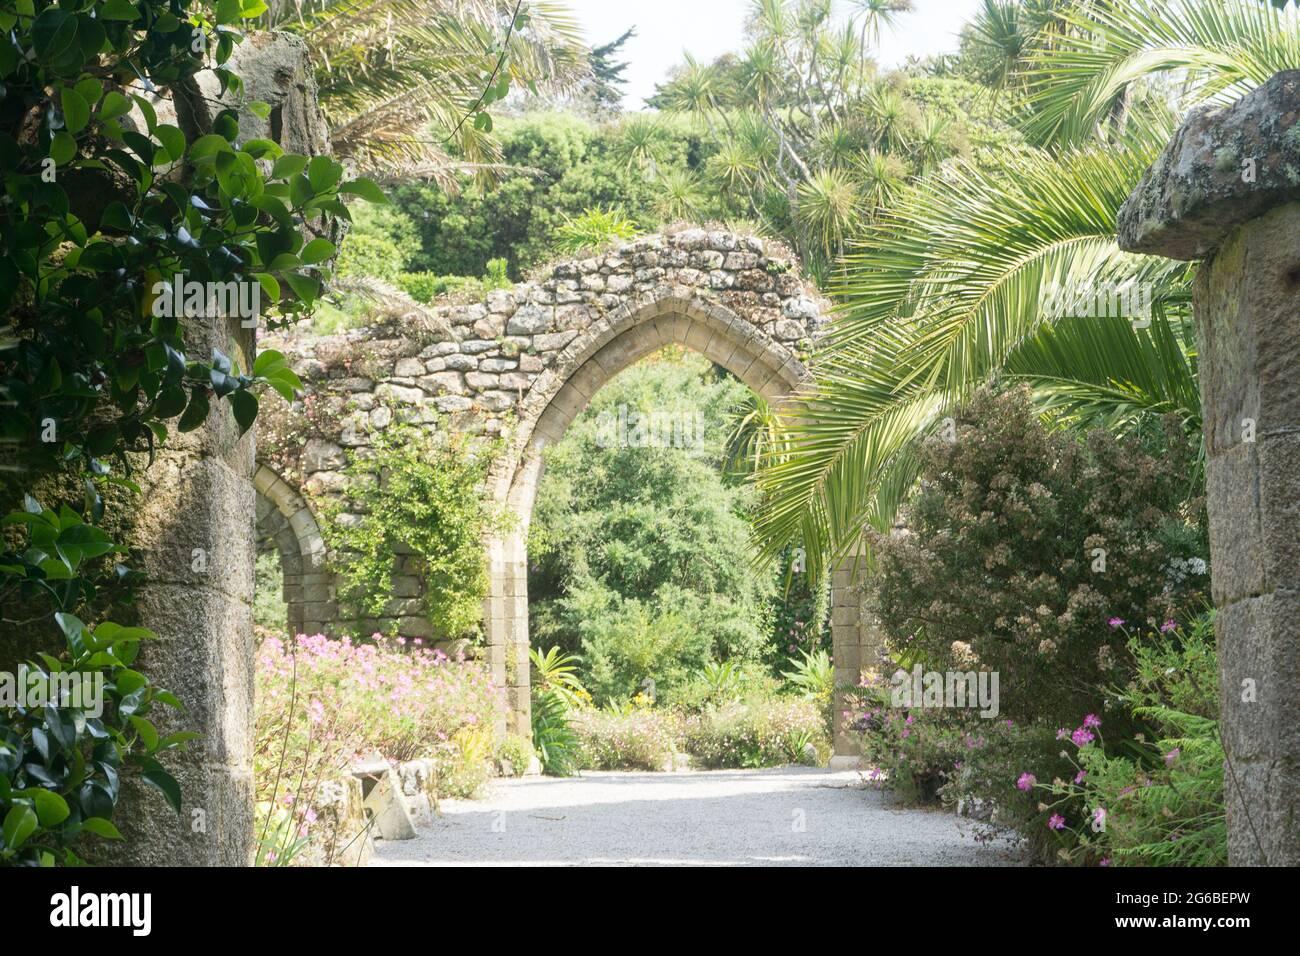 Arco de las ruinas de la abadía benedictina en Abbey Gardens, Tresco, Islas de Scilly, Cornwall, Reino Unido Foto de stock